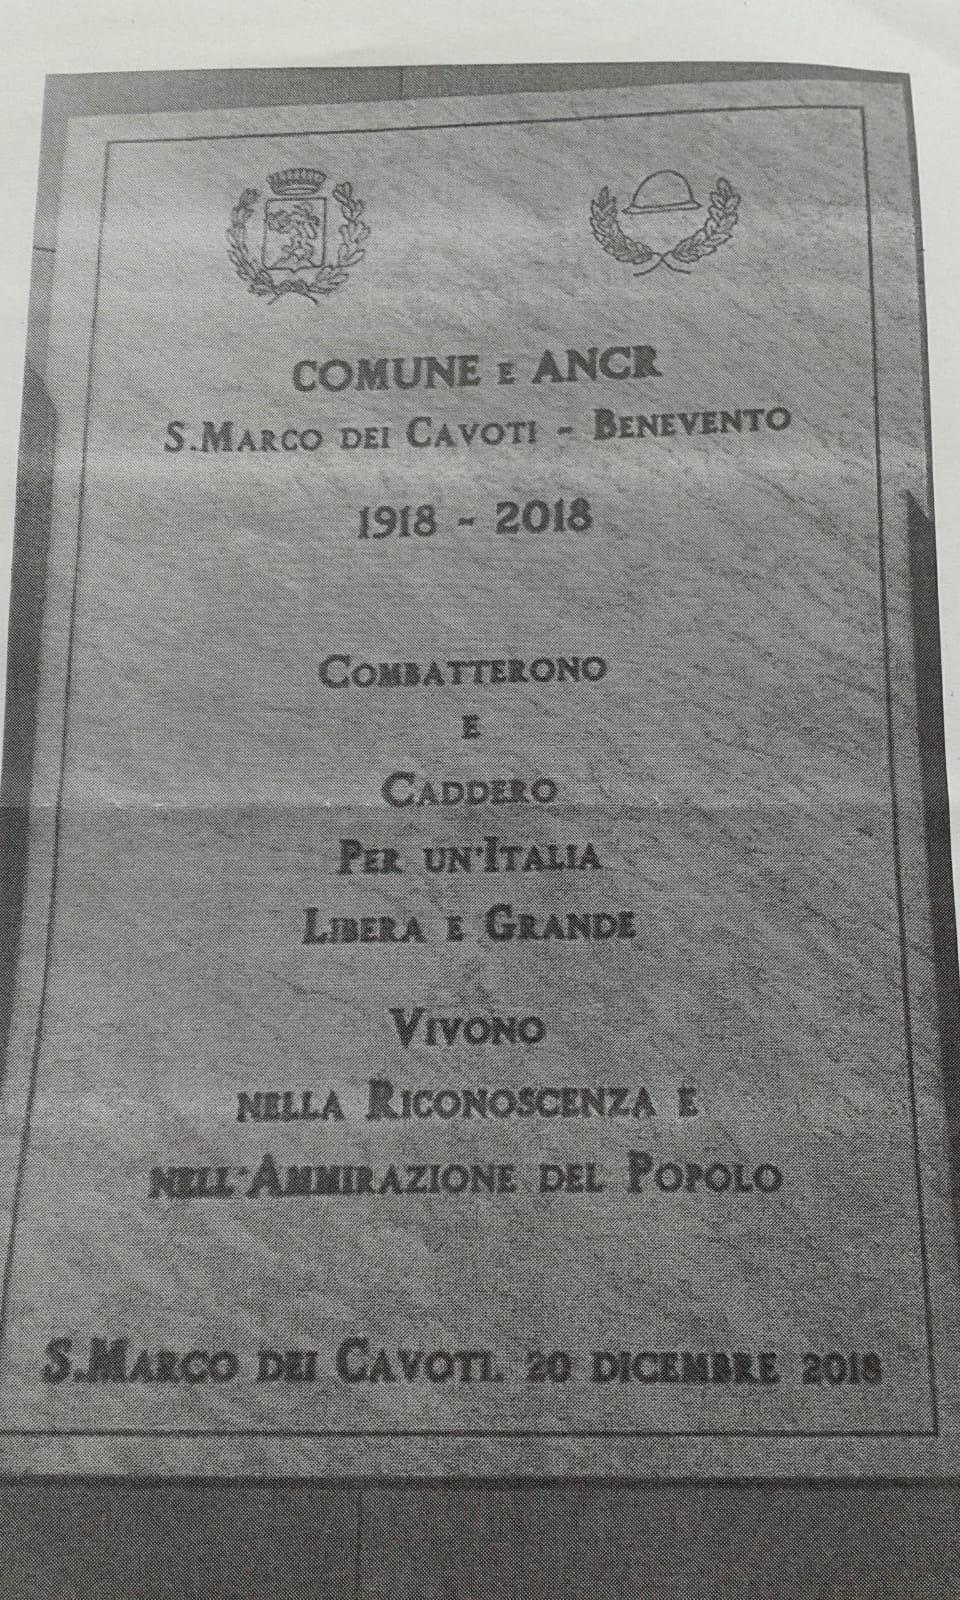 La misteriosa stele di San Marco dei Cavoti, lettera aperta di Fuschetto ai concittadini